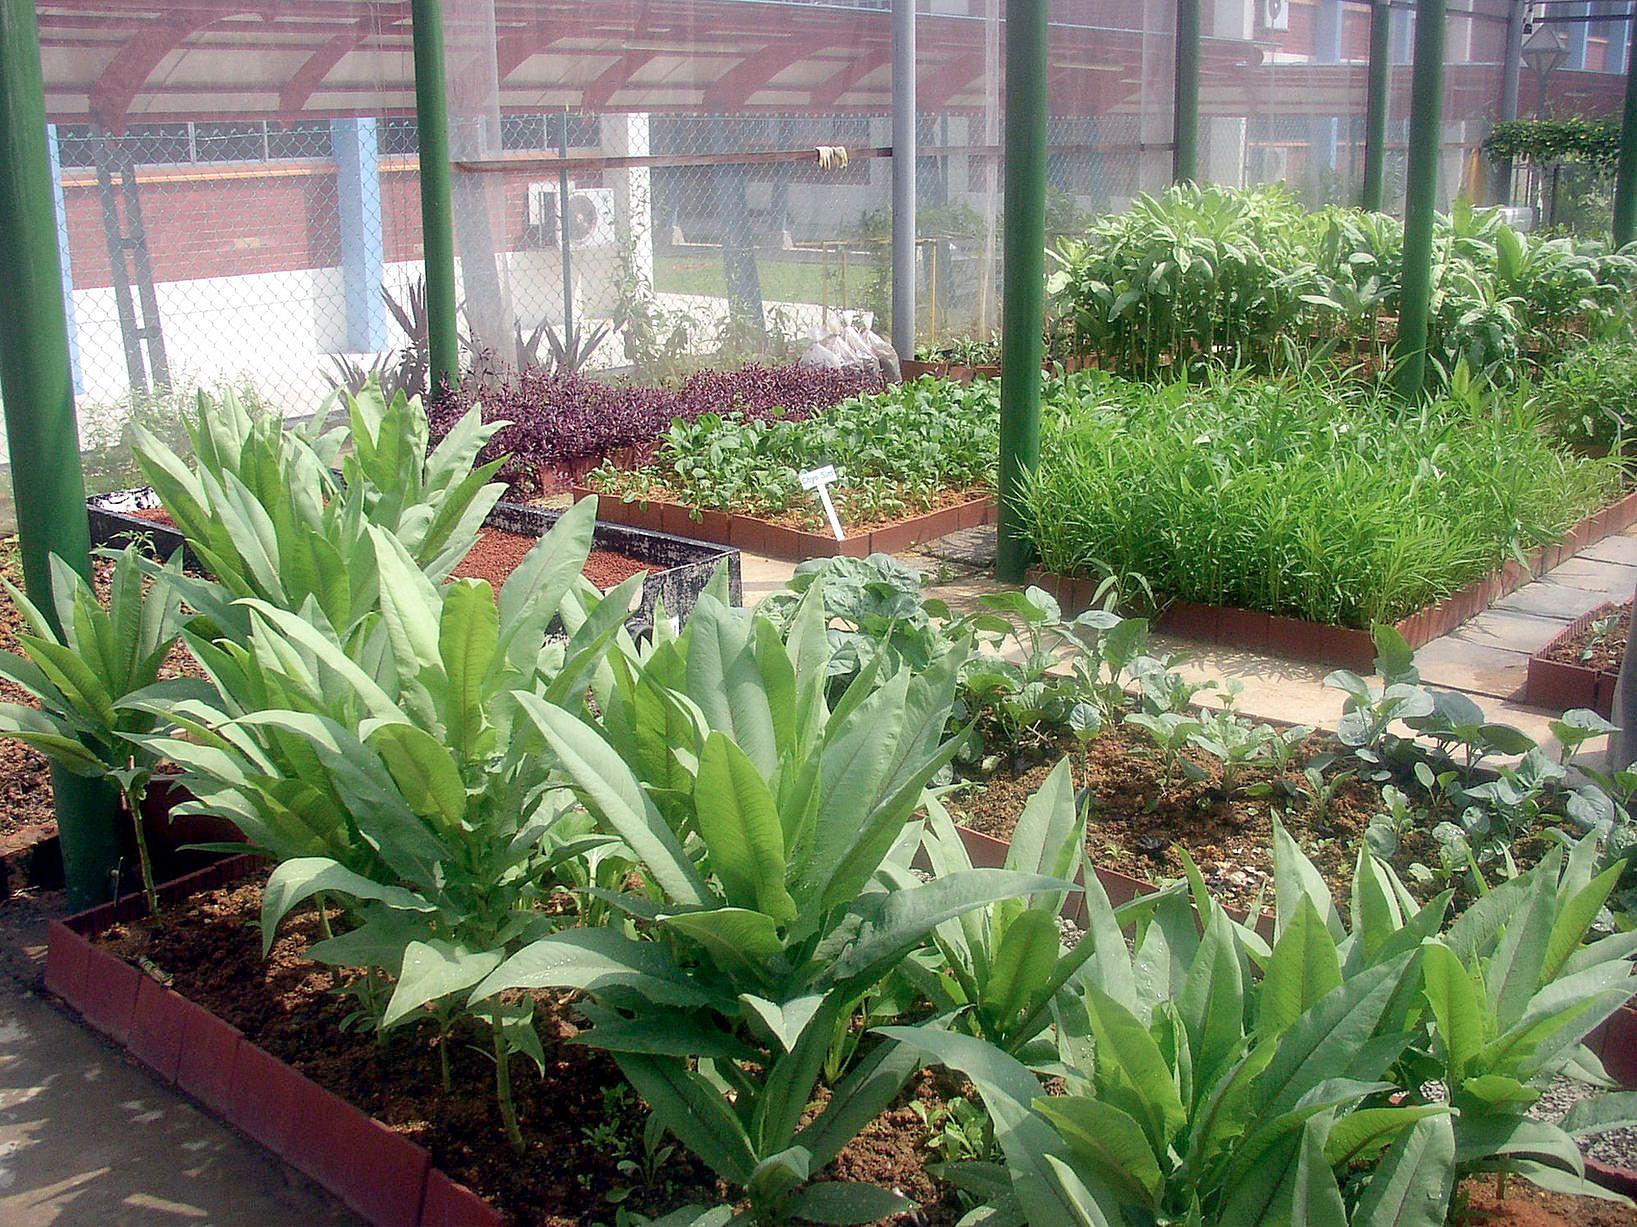 edible garden urban farming